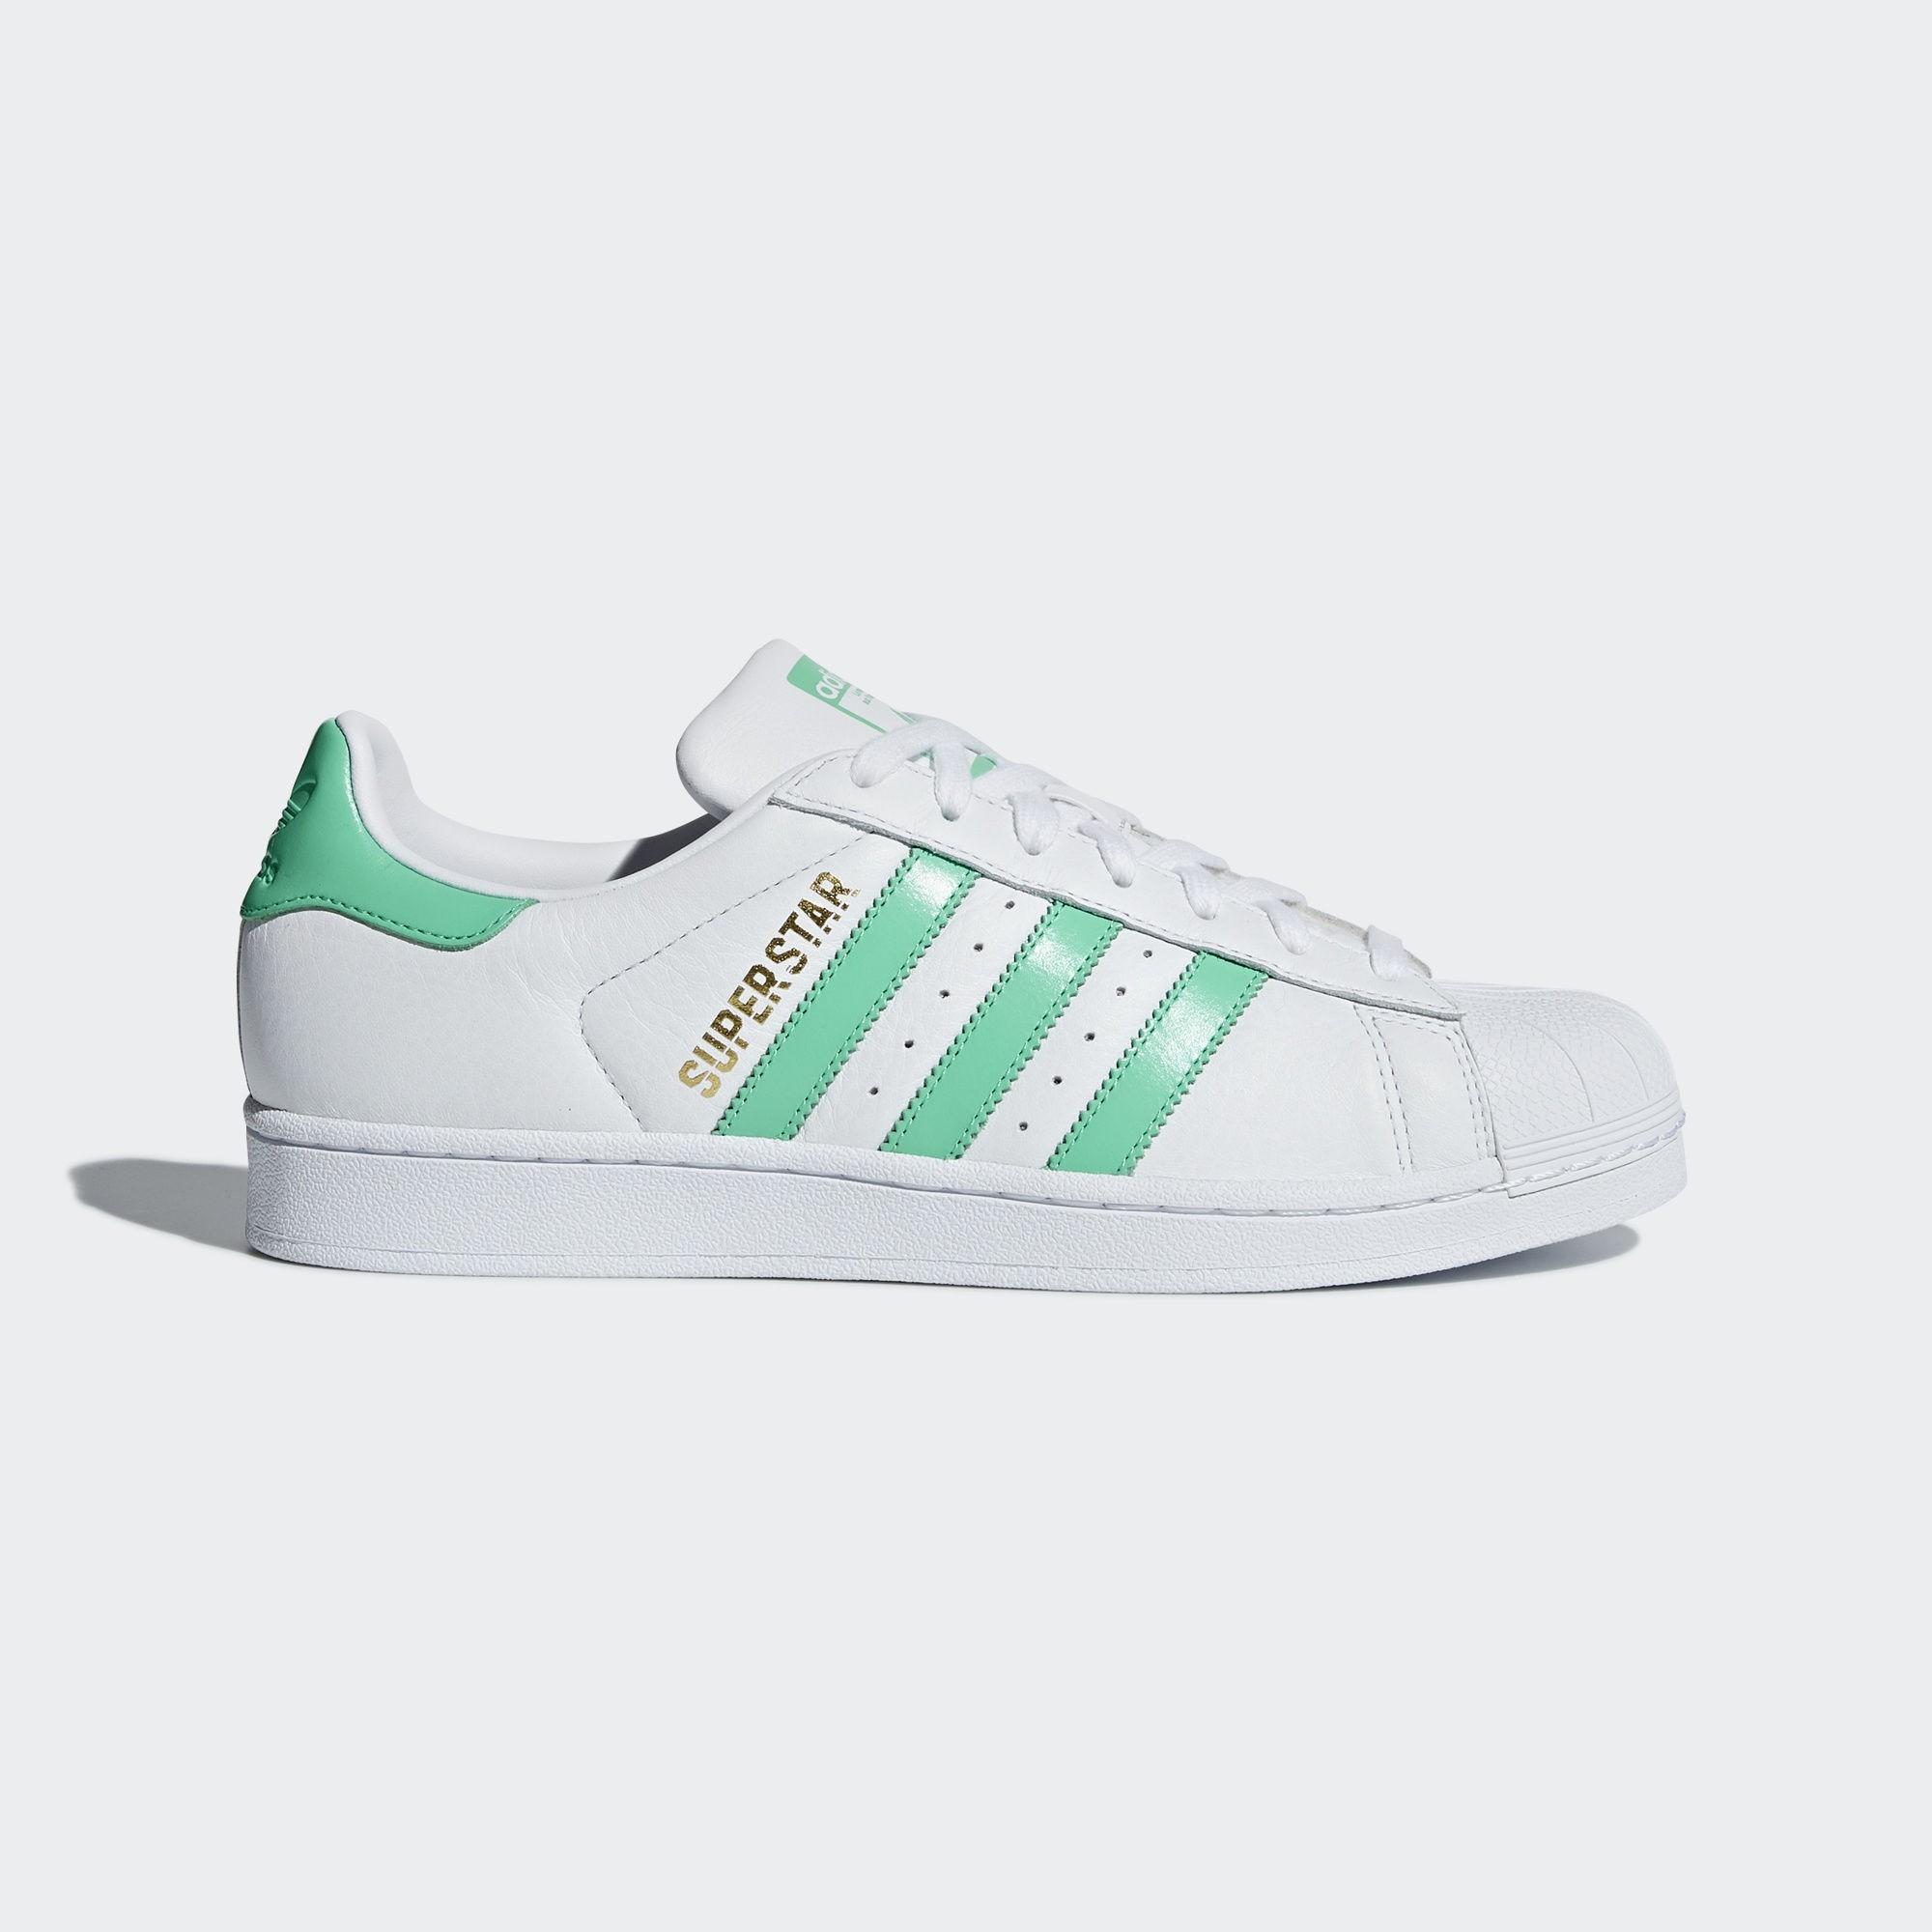 adidas superstar blancas y verdes